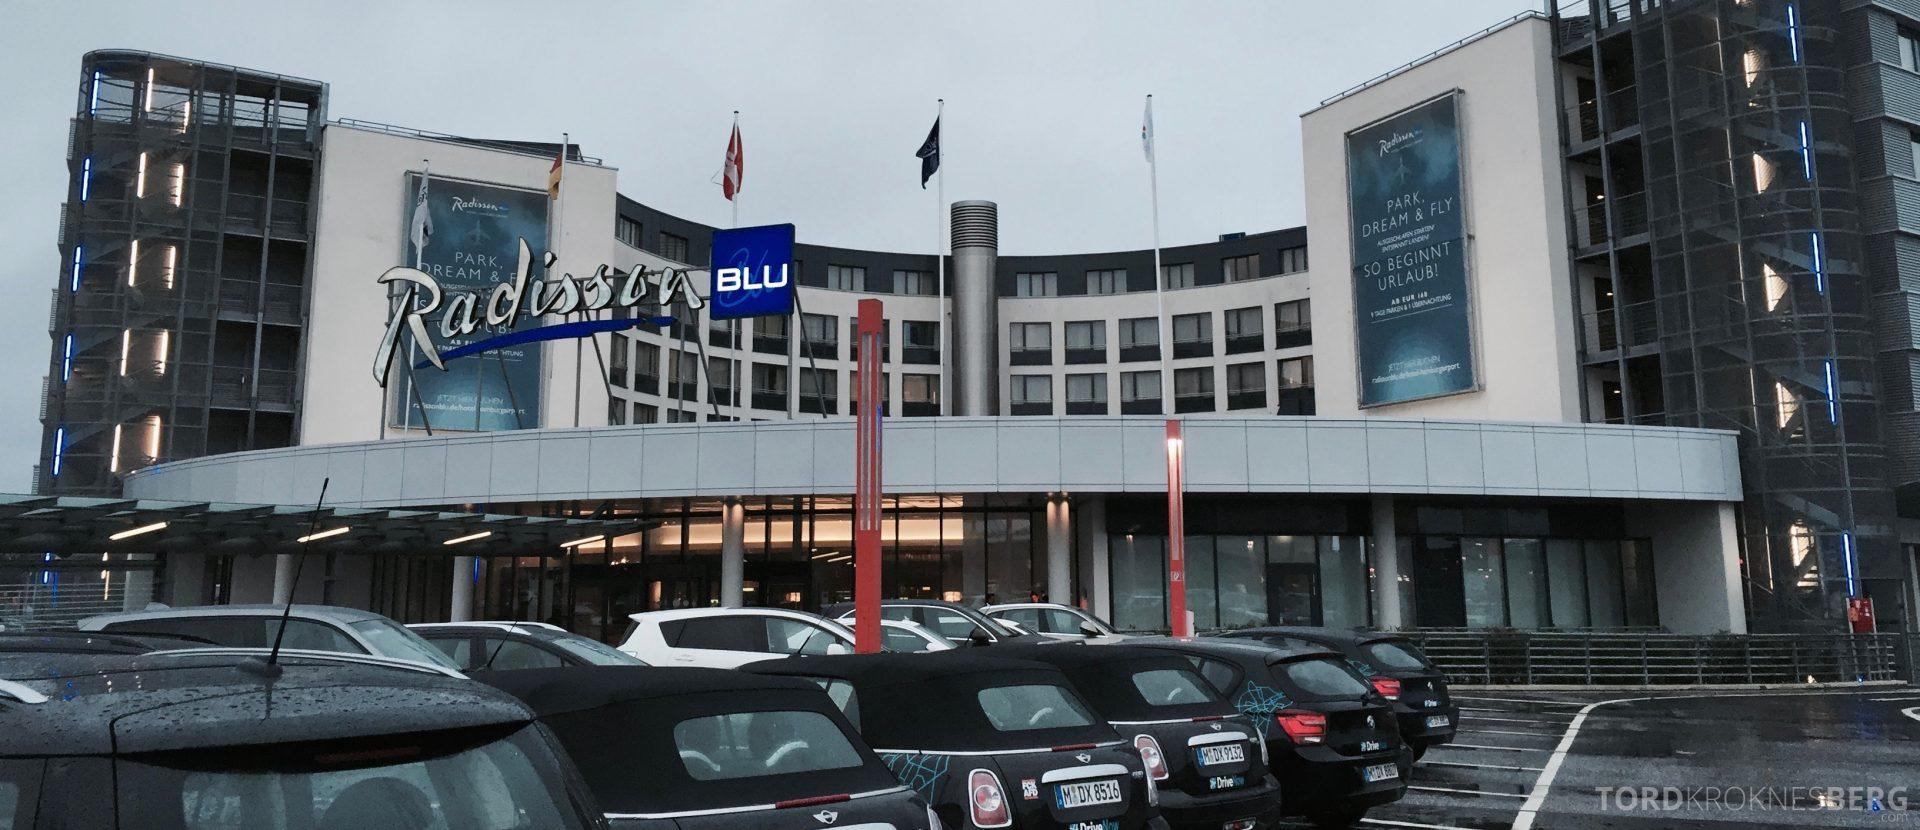 Radisson Blu Hamburg Airport utenfor